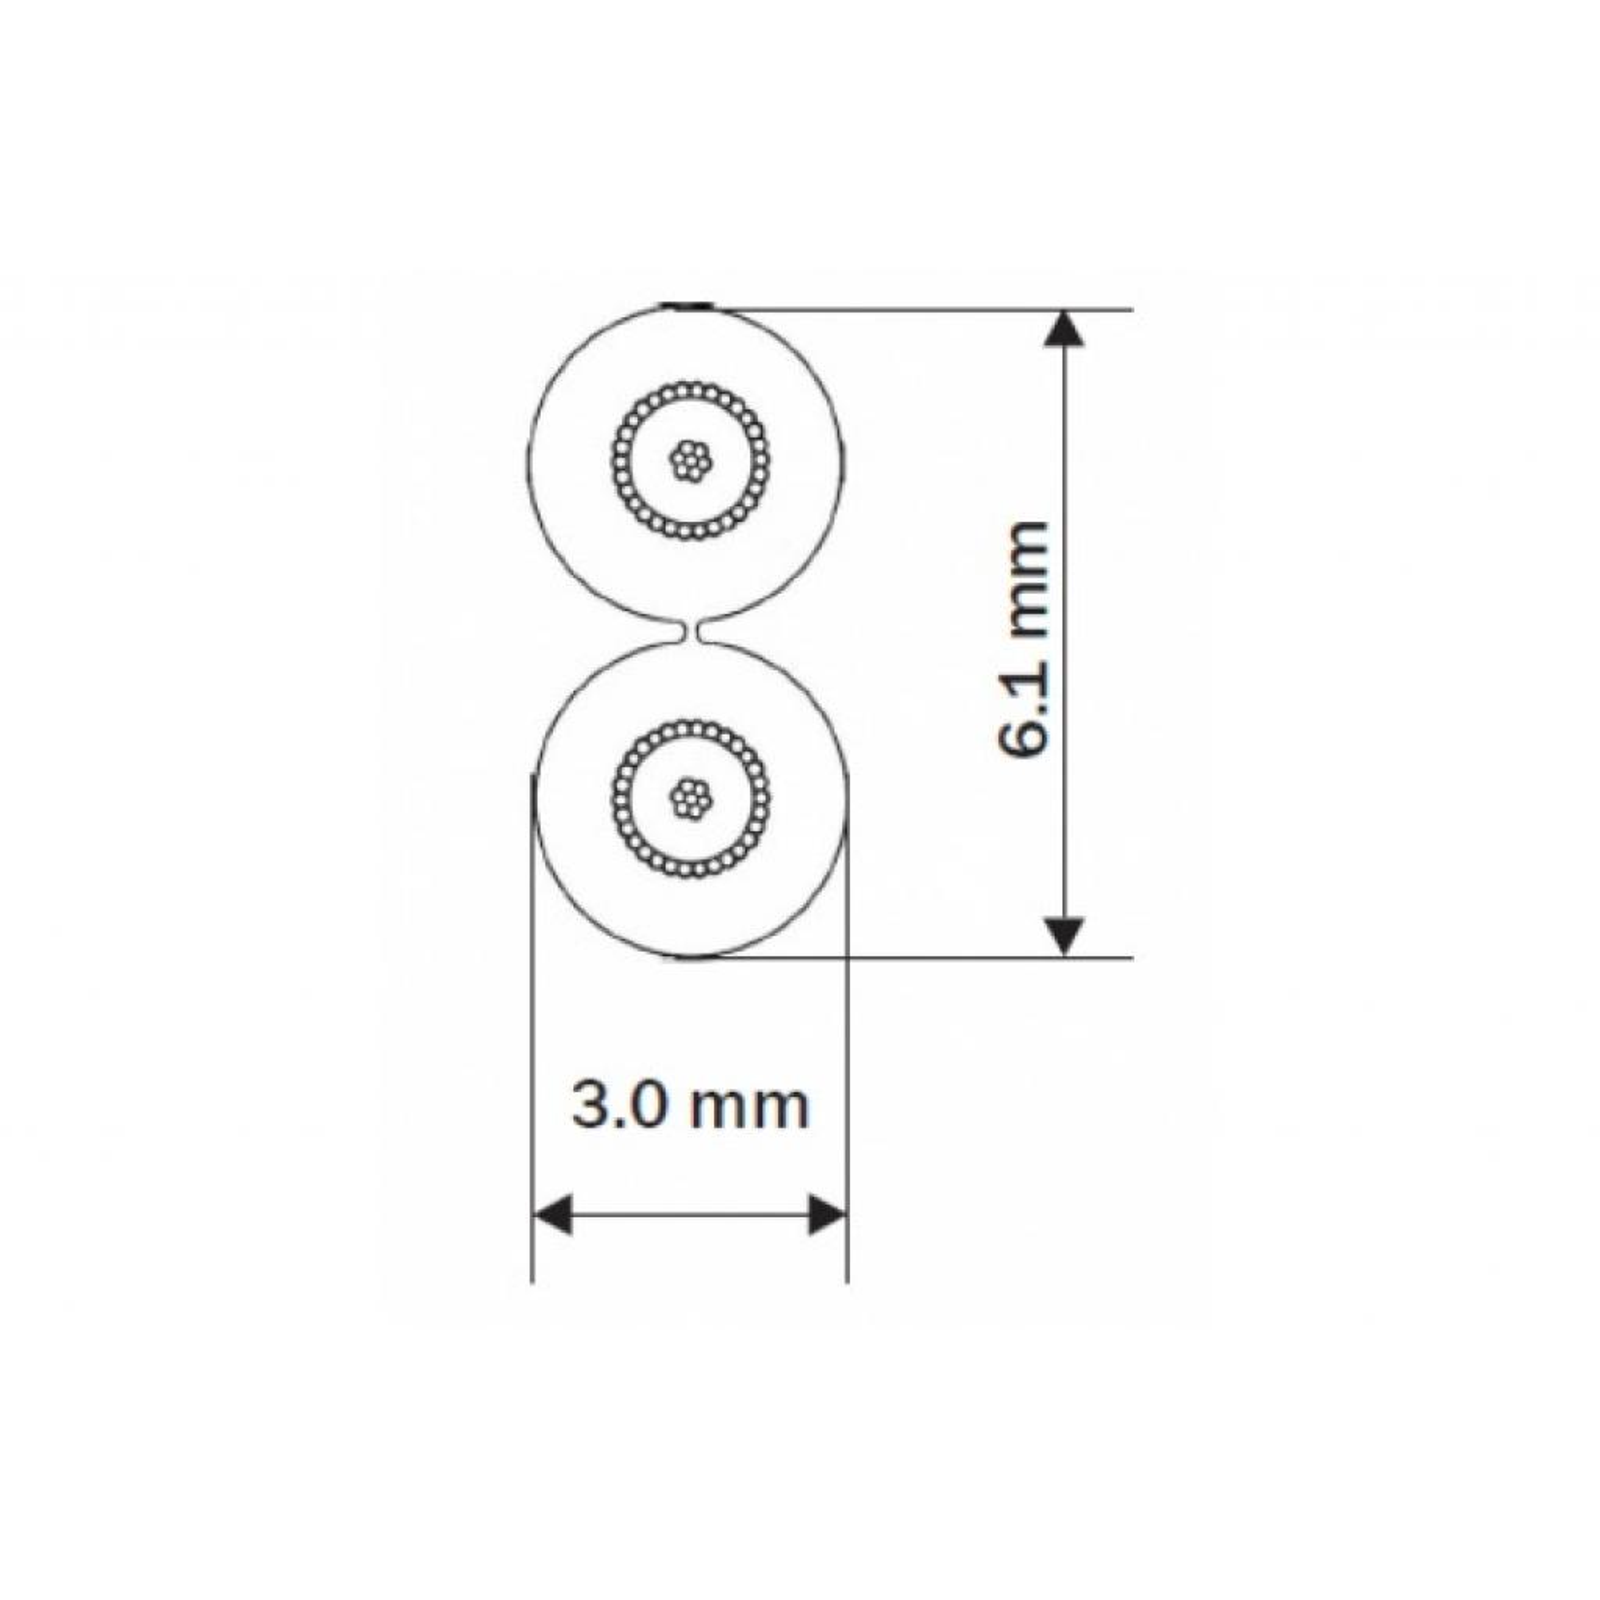 Кабель мультимедийный Jack 3.5mm папа/Jack 3.5mm папа 1.5m Prolink (PB105-0150) изображение 6